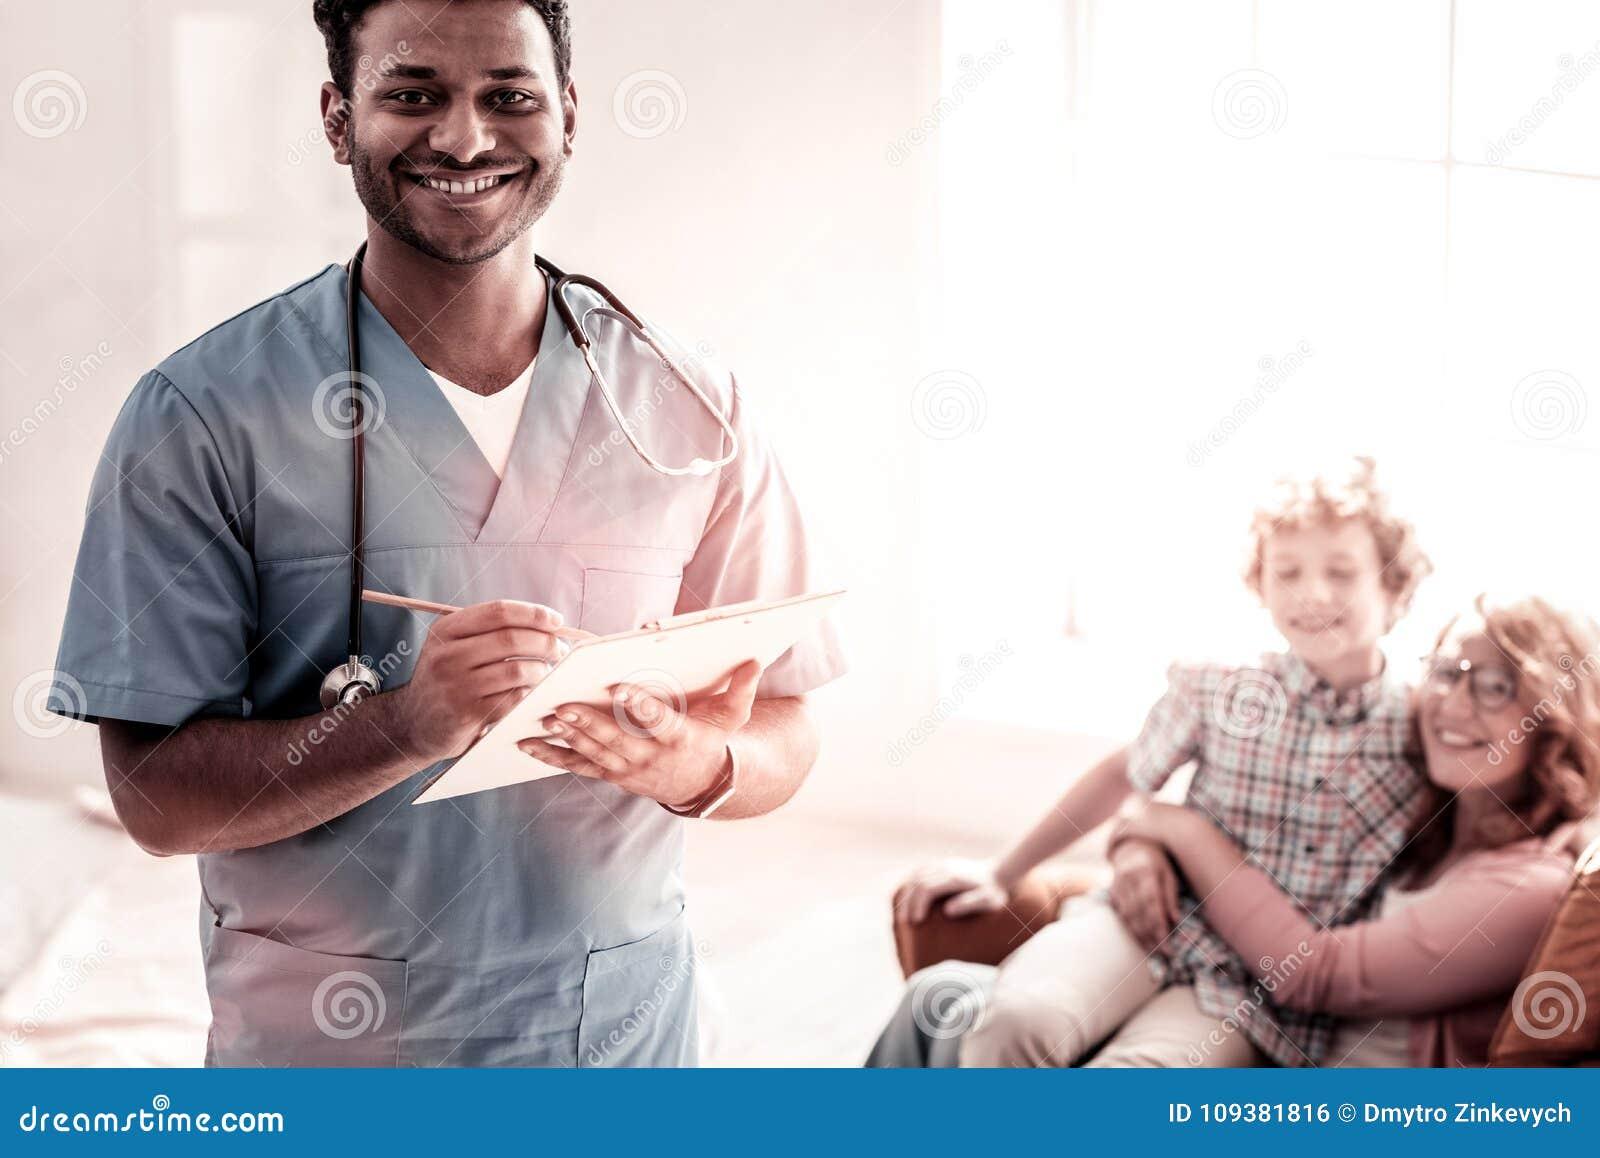 O positivo ocupou-se da irradiação profissional médica na câmera